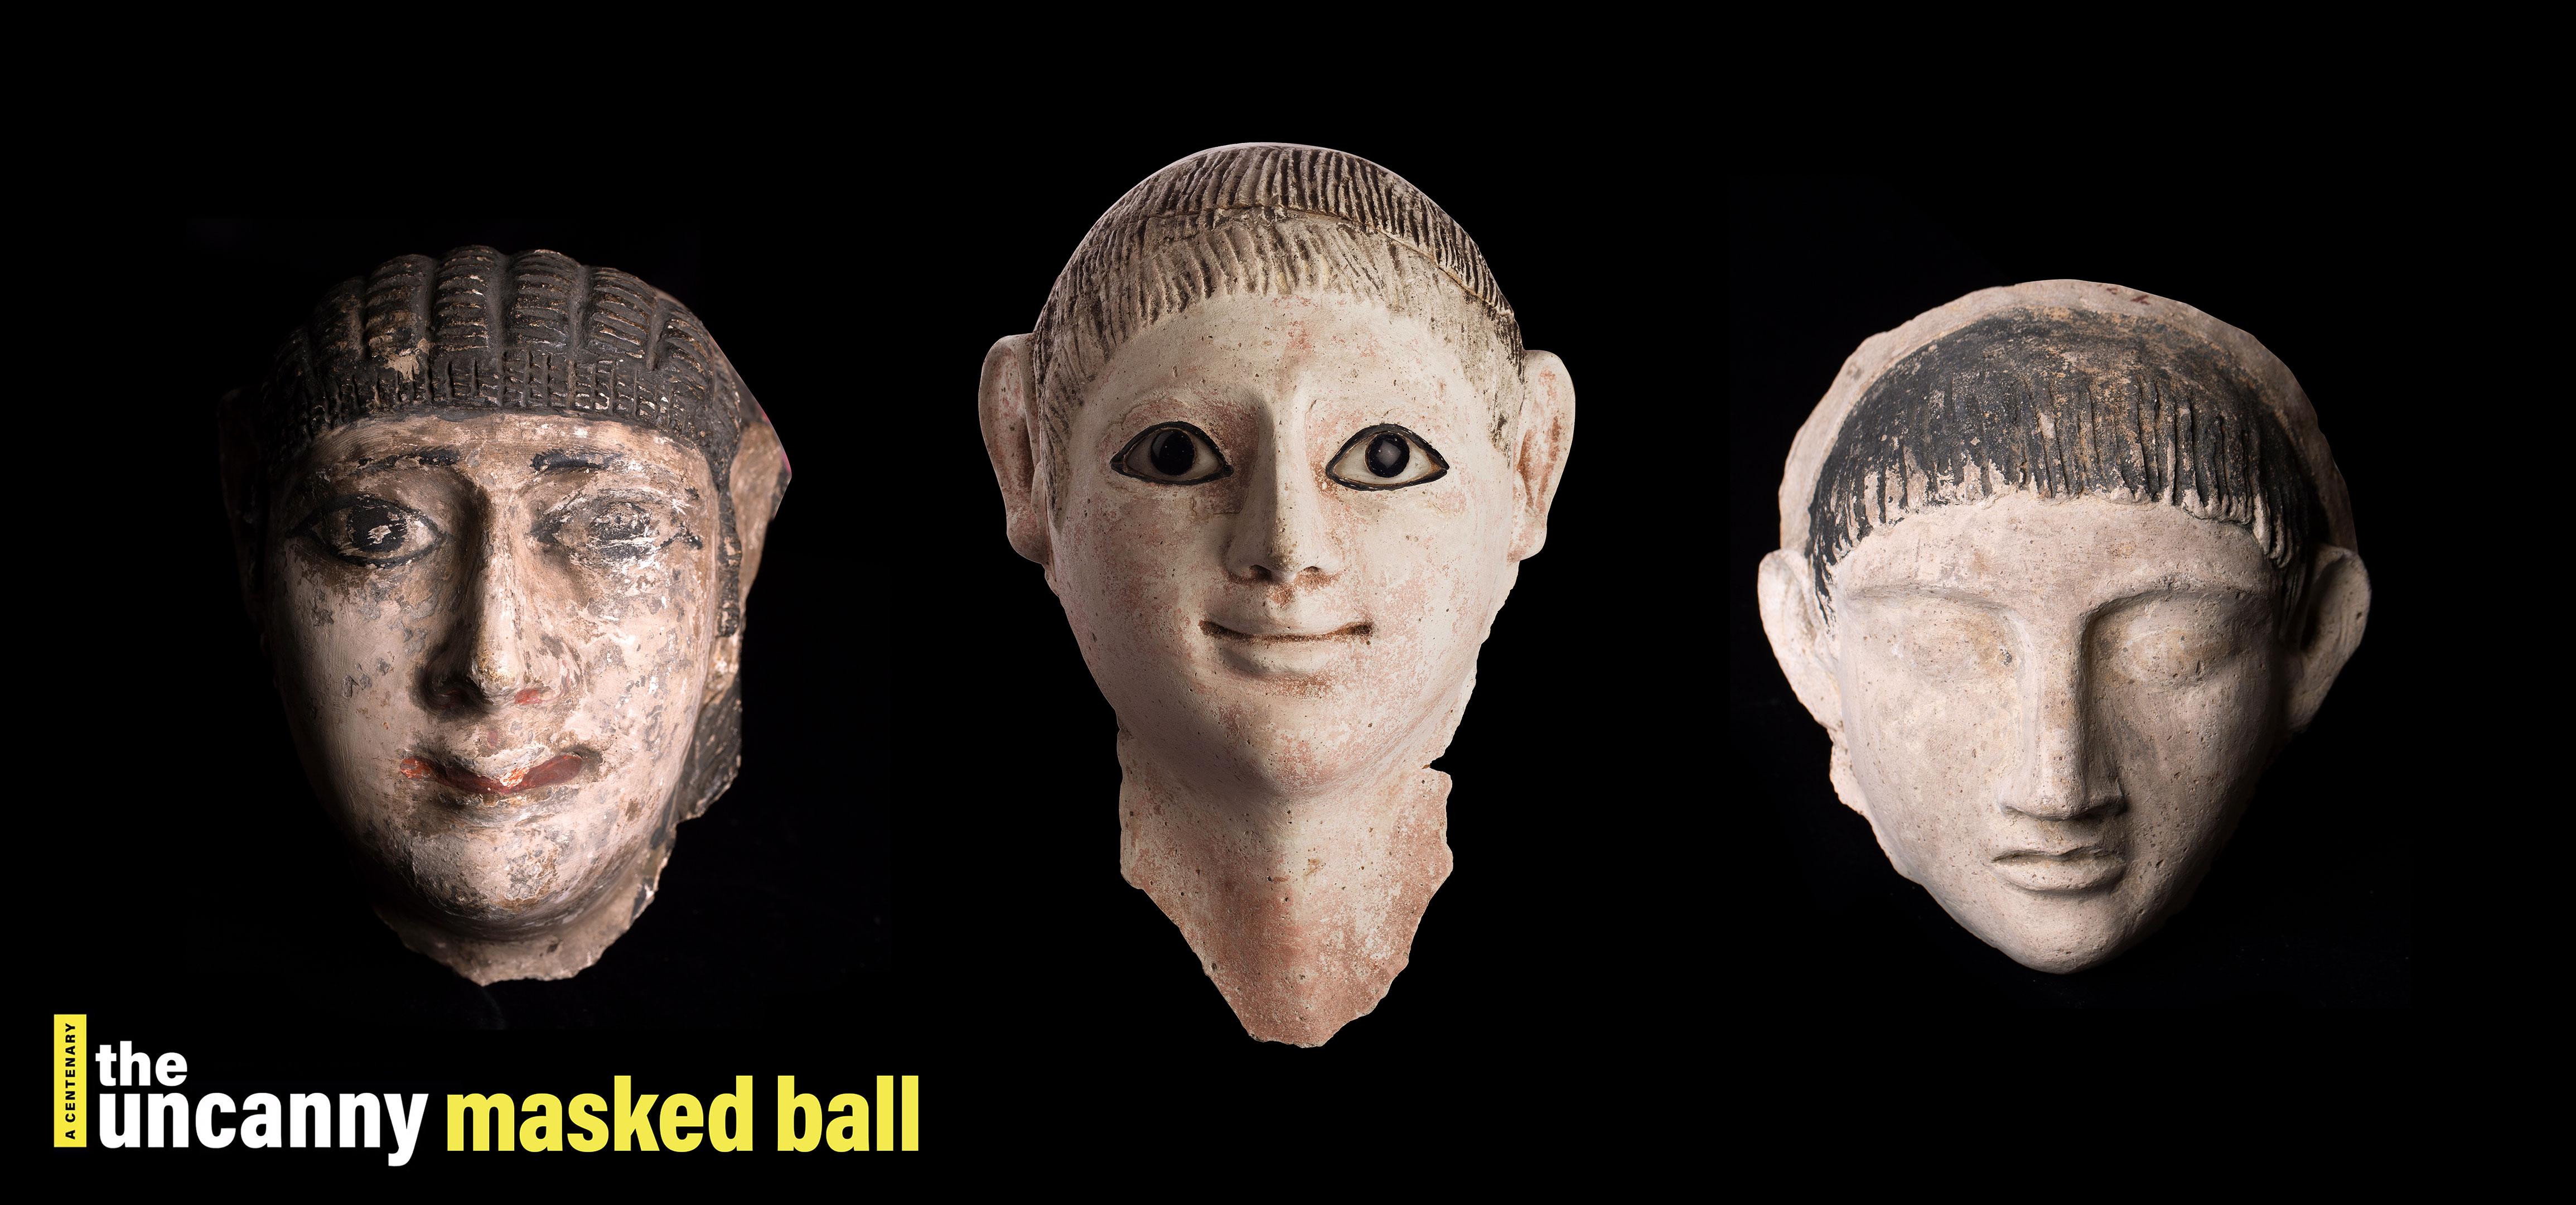 uncanny masked ball